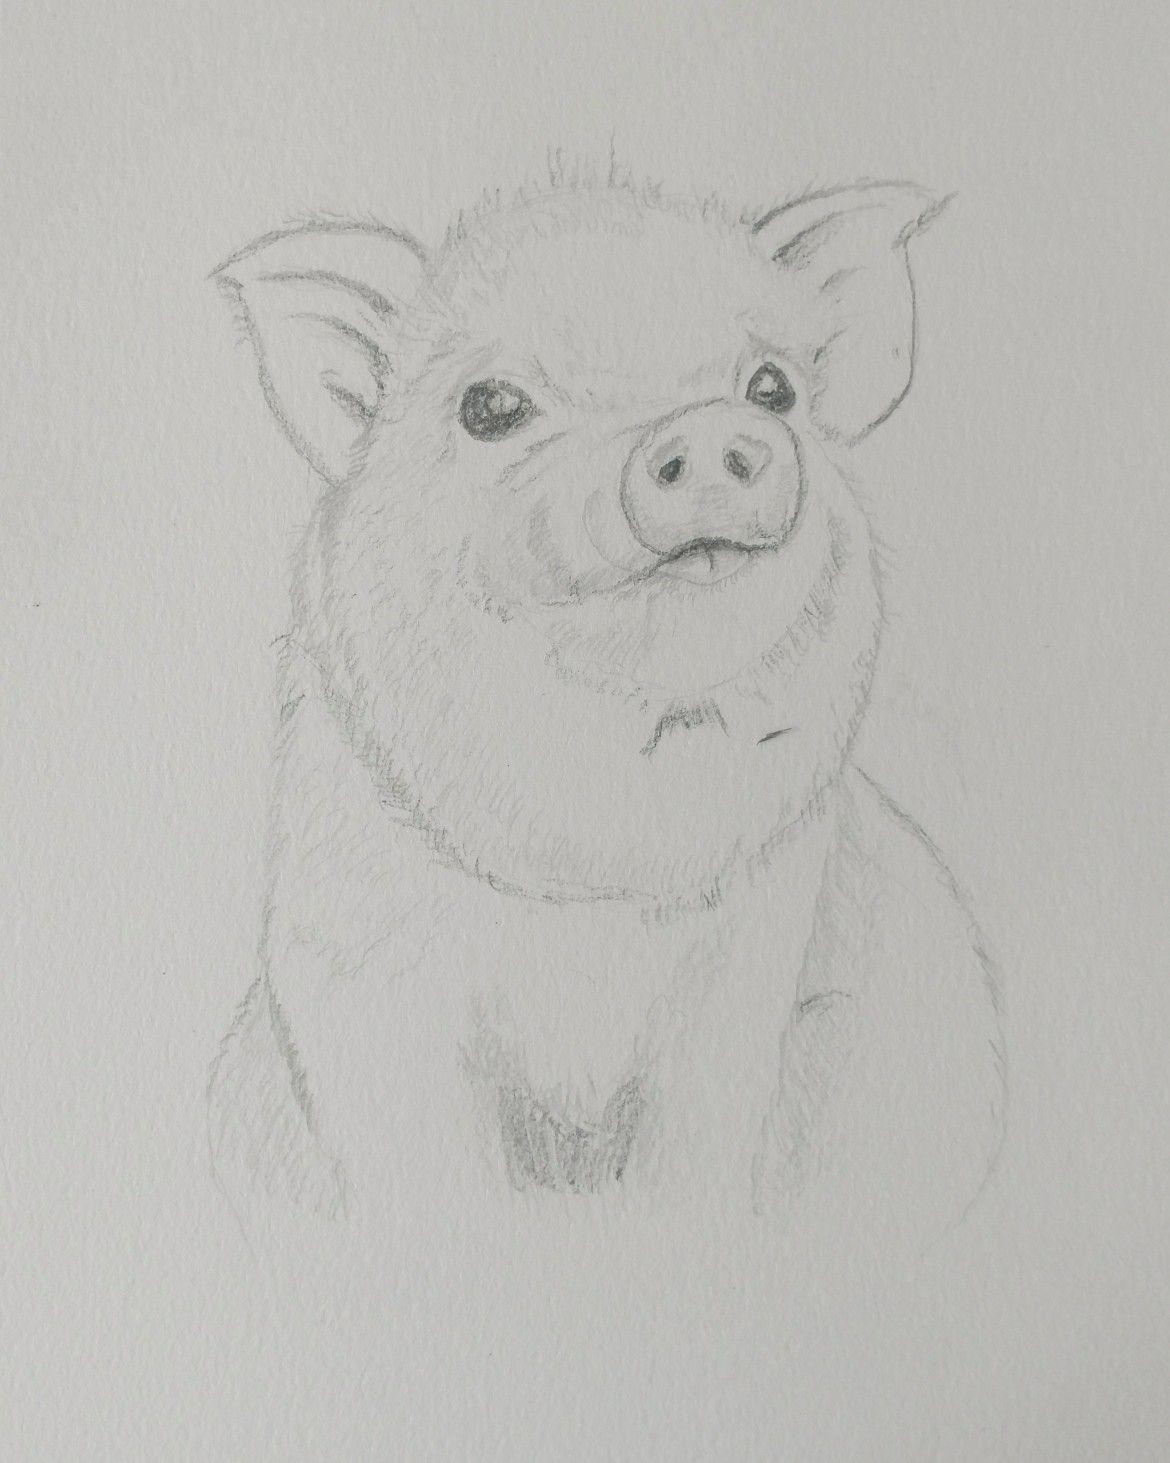 Baby pig pencil in my sketchbook jalbert watercolors drawings